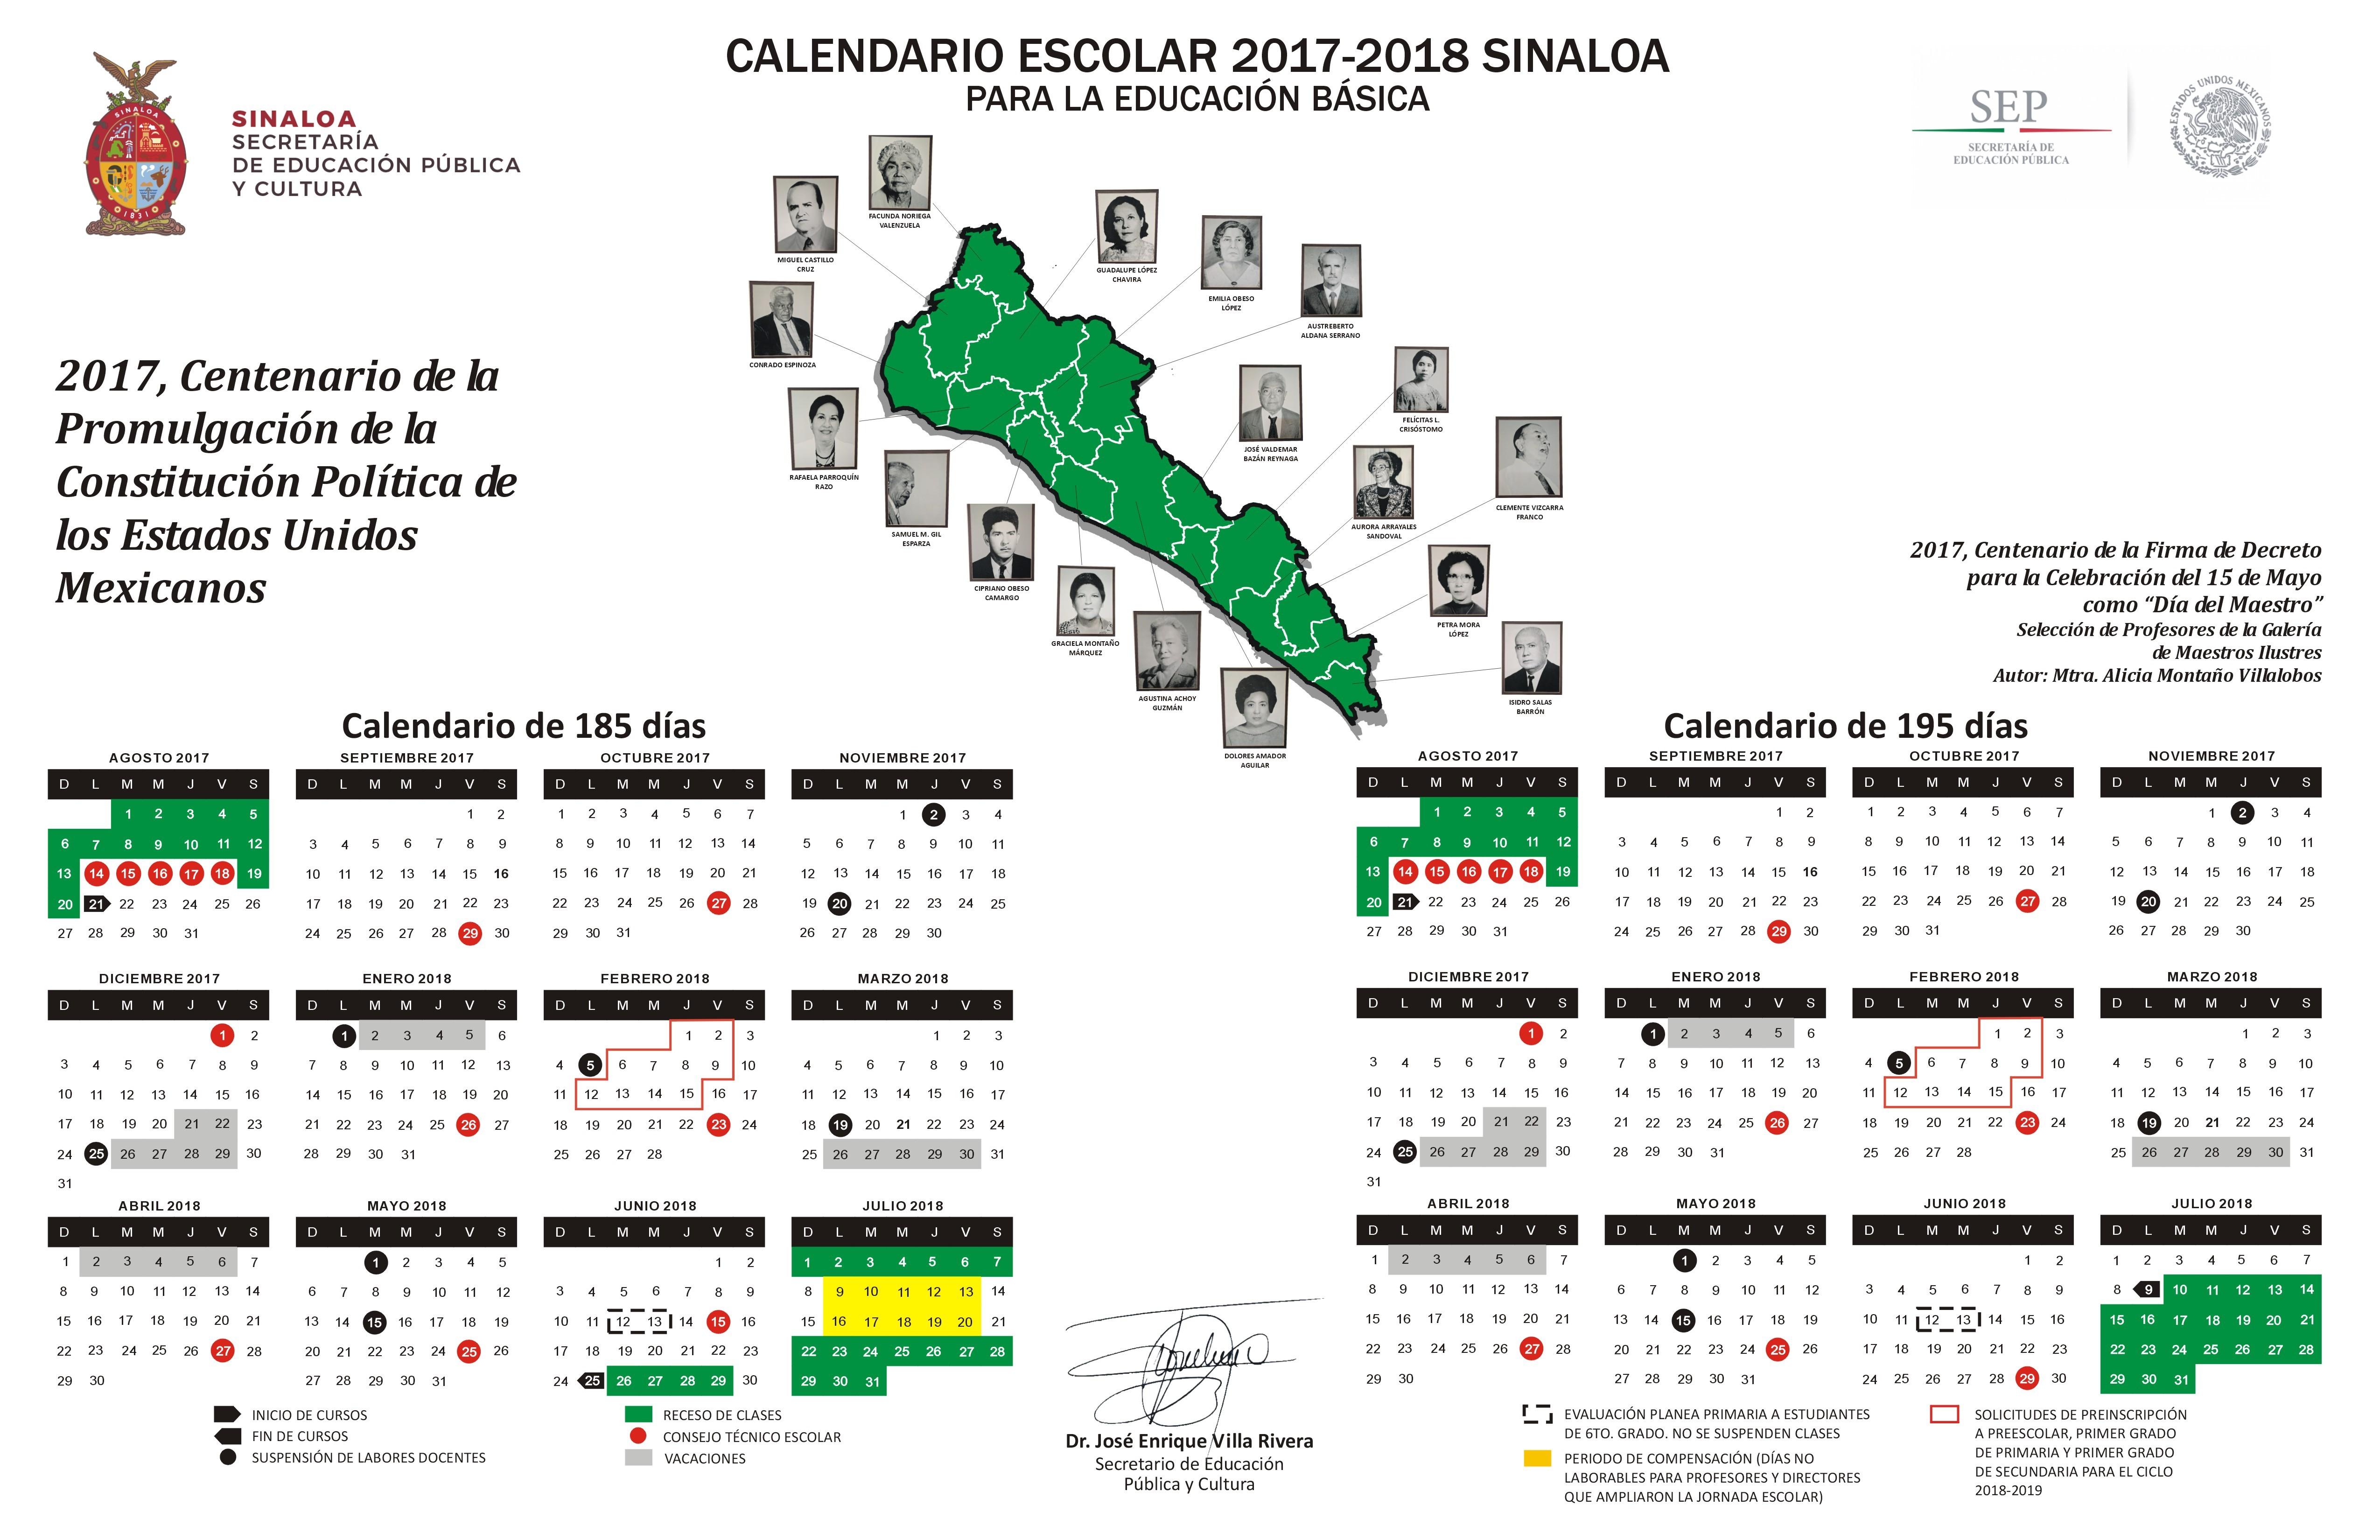 El calendario escolar 2017 – 2018 de 185 y de 195 das para la Educaci³n Básica